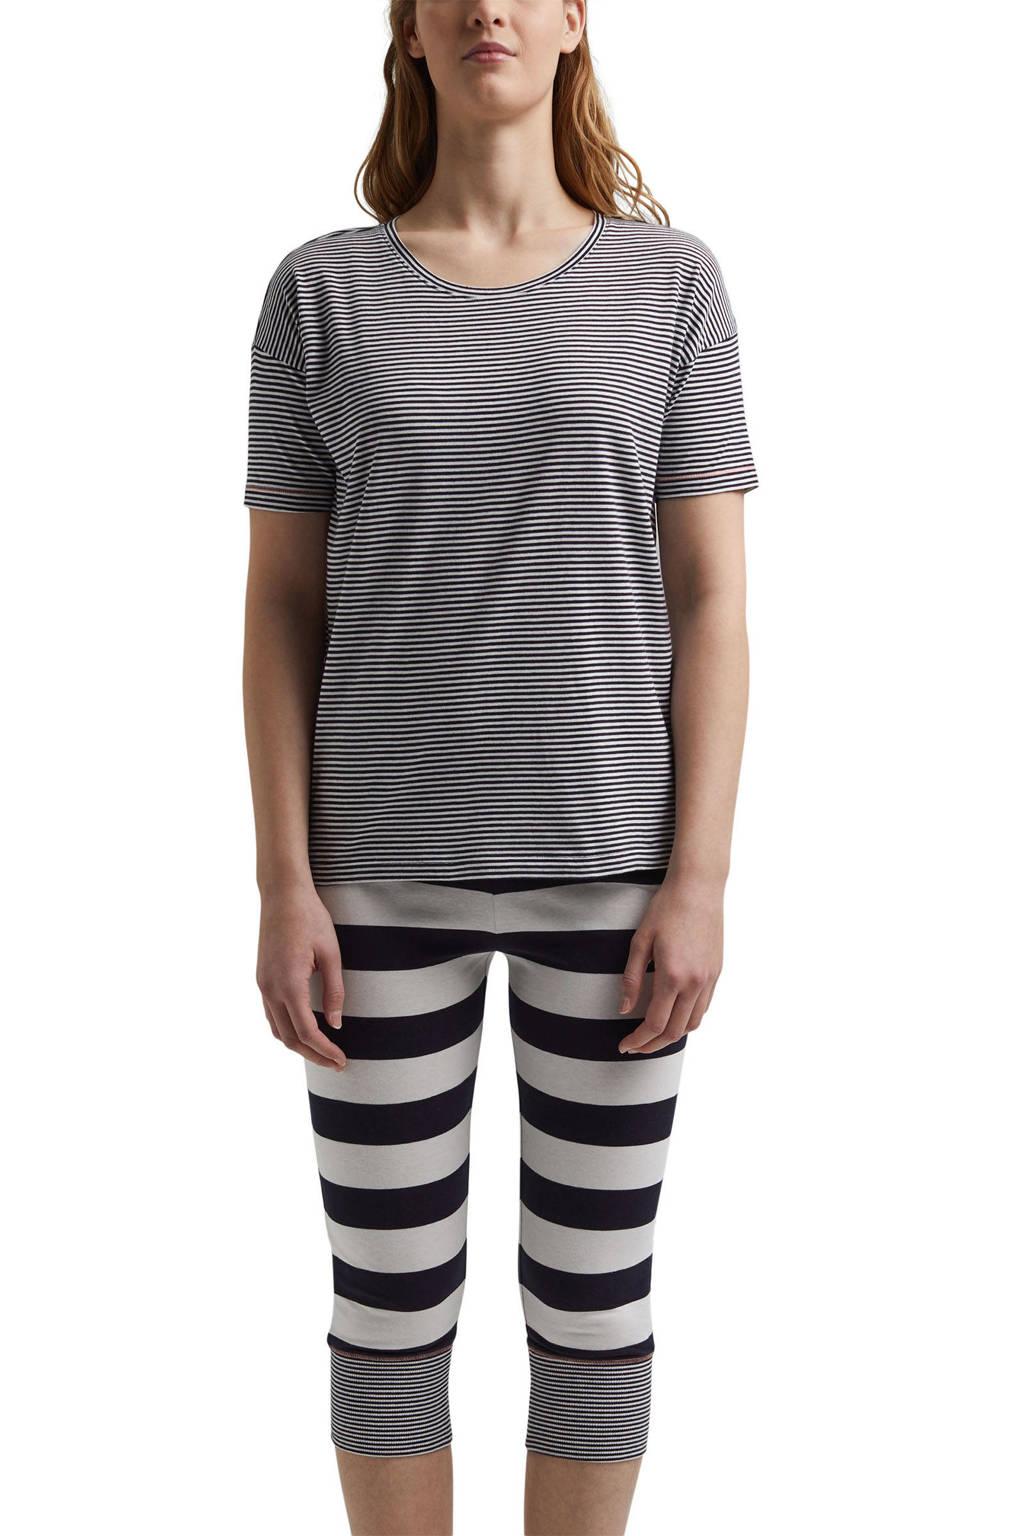 ESPRIT Women Bodywear gestreepte pyjama donkerblauw/wit, Donkerblauw/wit